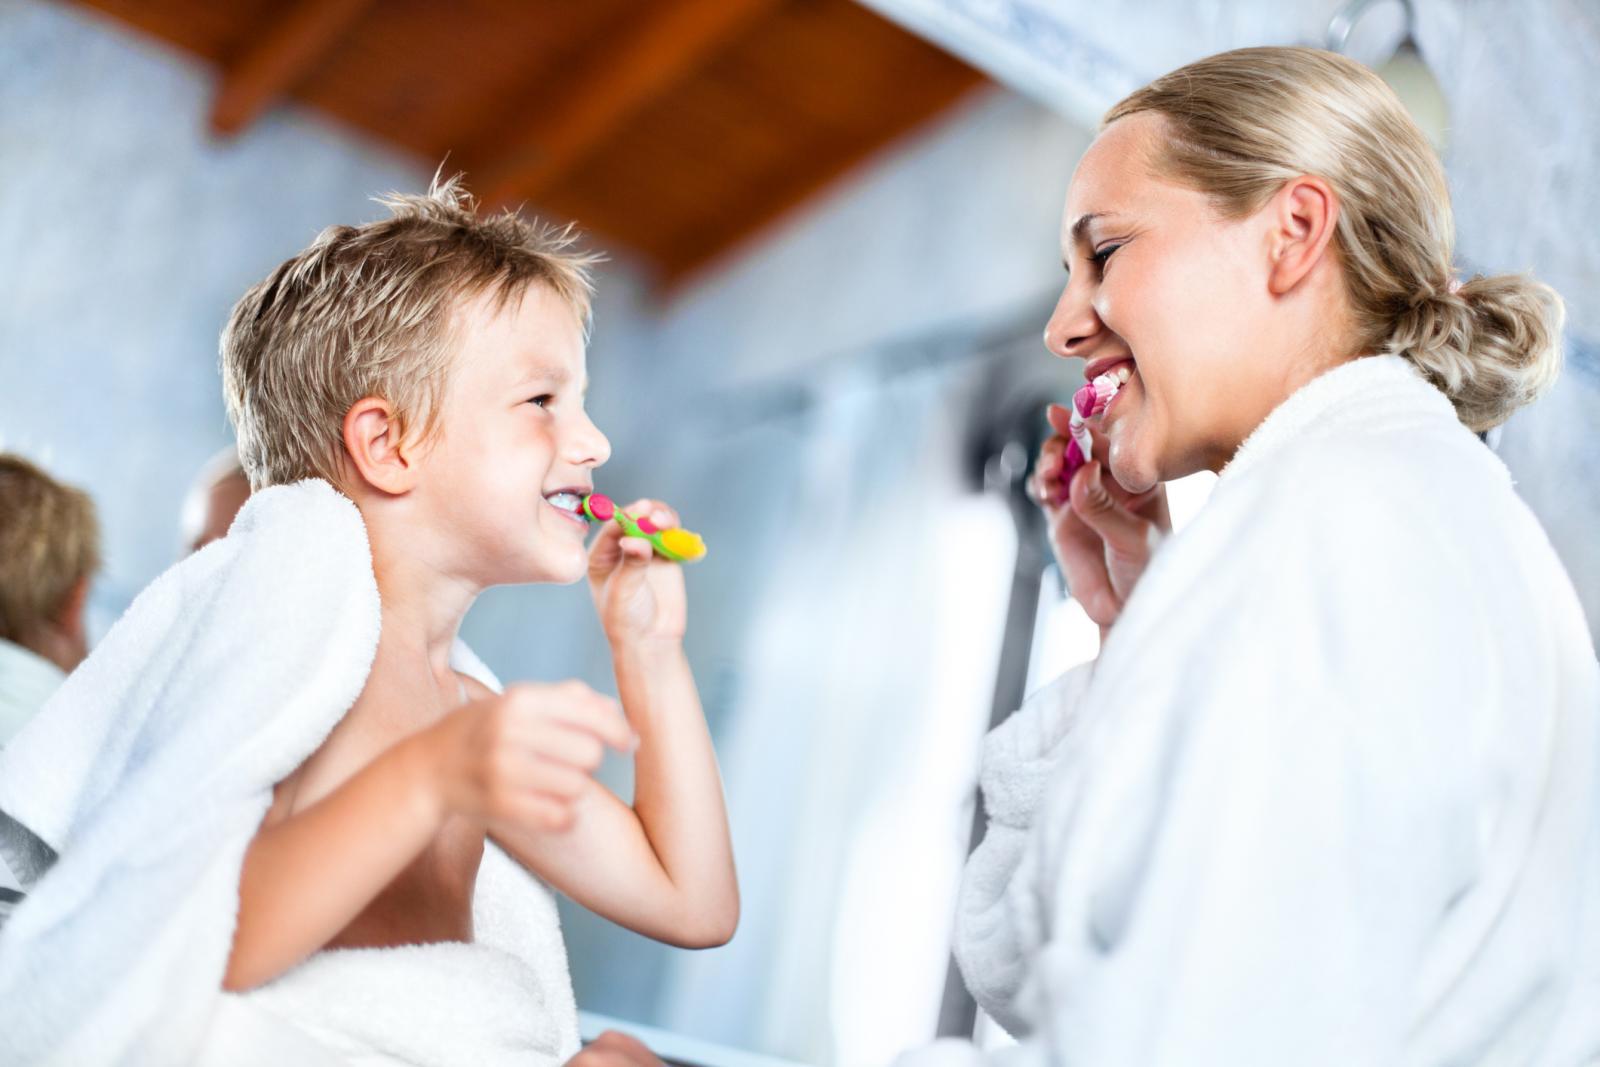 Oralno zdravlje moguće je na prirodan način, bez fluora i sintetskih dodataka.